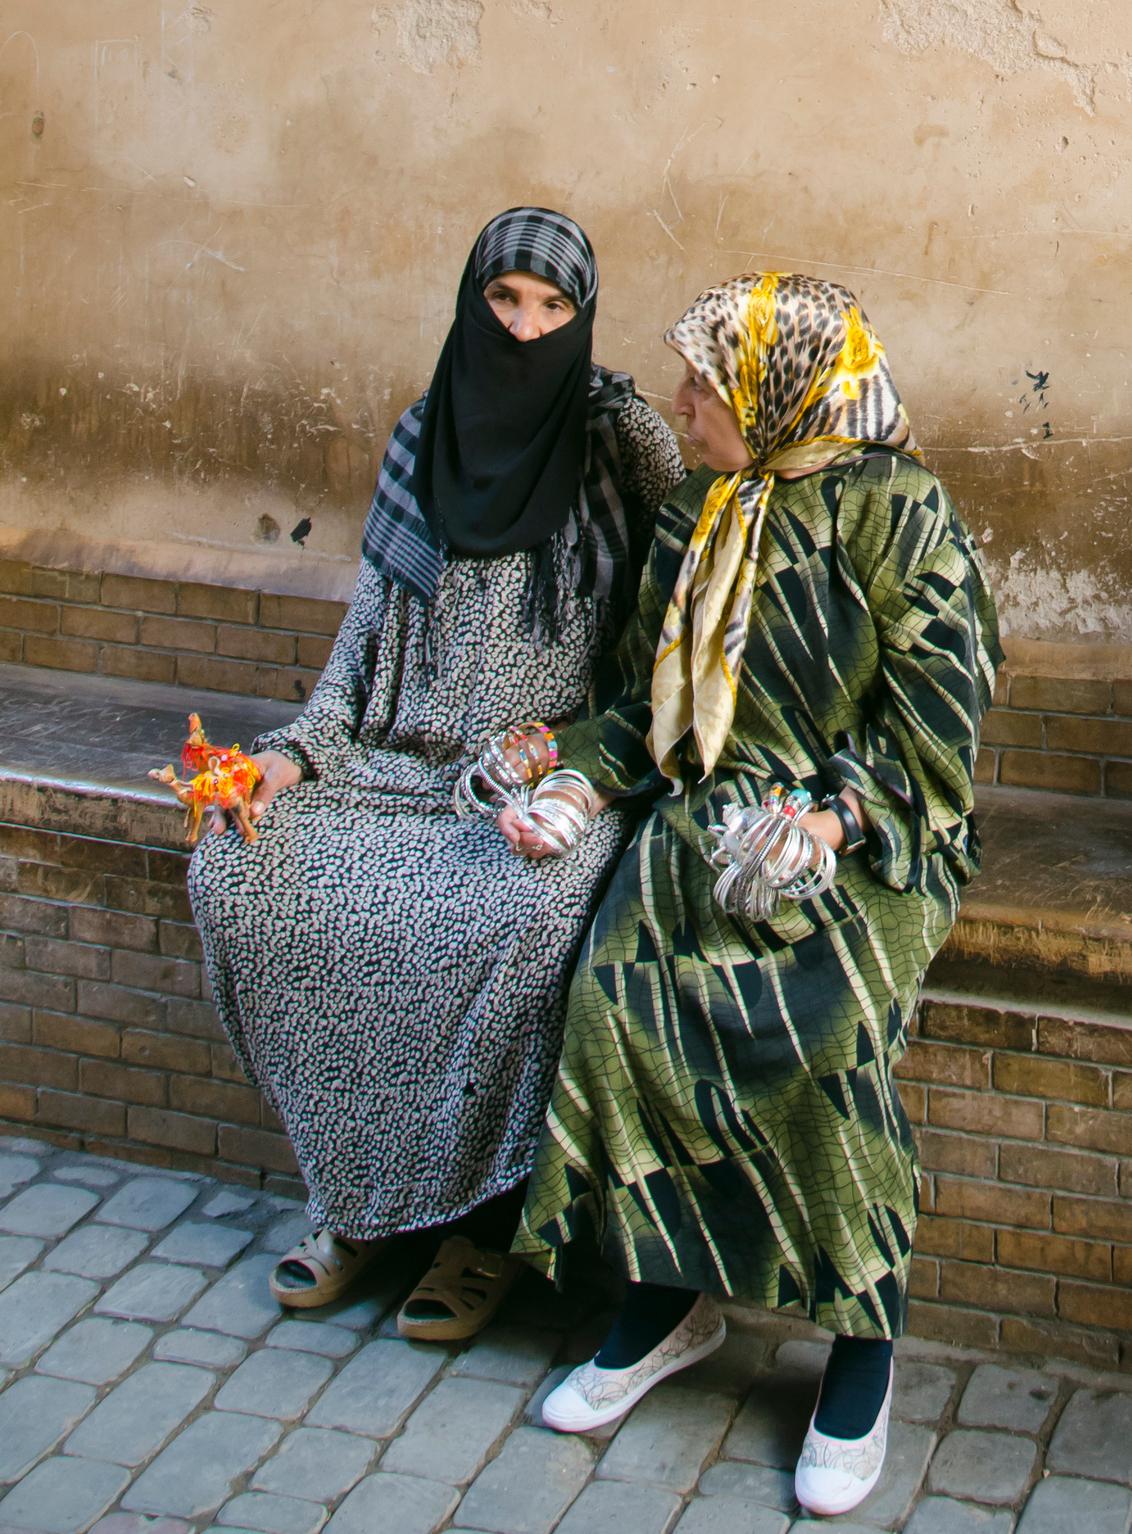 Verkoopsters in Marrakesh - Twee vrouwen die aan het wachten waren op klanten die het museum uitkwam in Marrakesh - foto door Felice_zoom op 14-11-2015 - deze foto bevat: vrouw, mensen, vakantie, portret, reizen, stad, marokko, cultuur, straatfotografie, kameel, geloof, toerisme, gesluierd, dromedaris, reisfotografie, marrakesh, armbanden